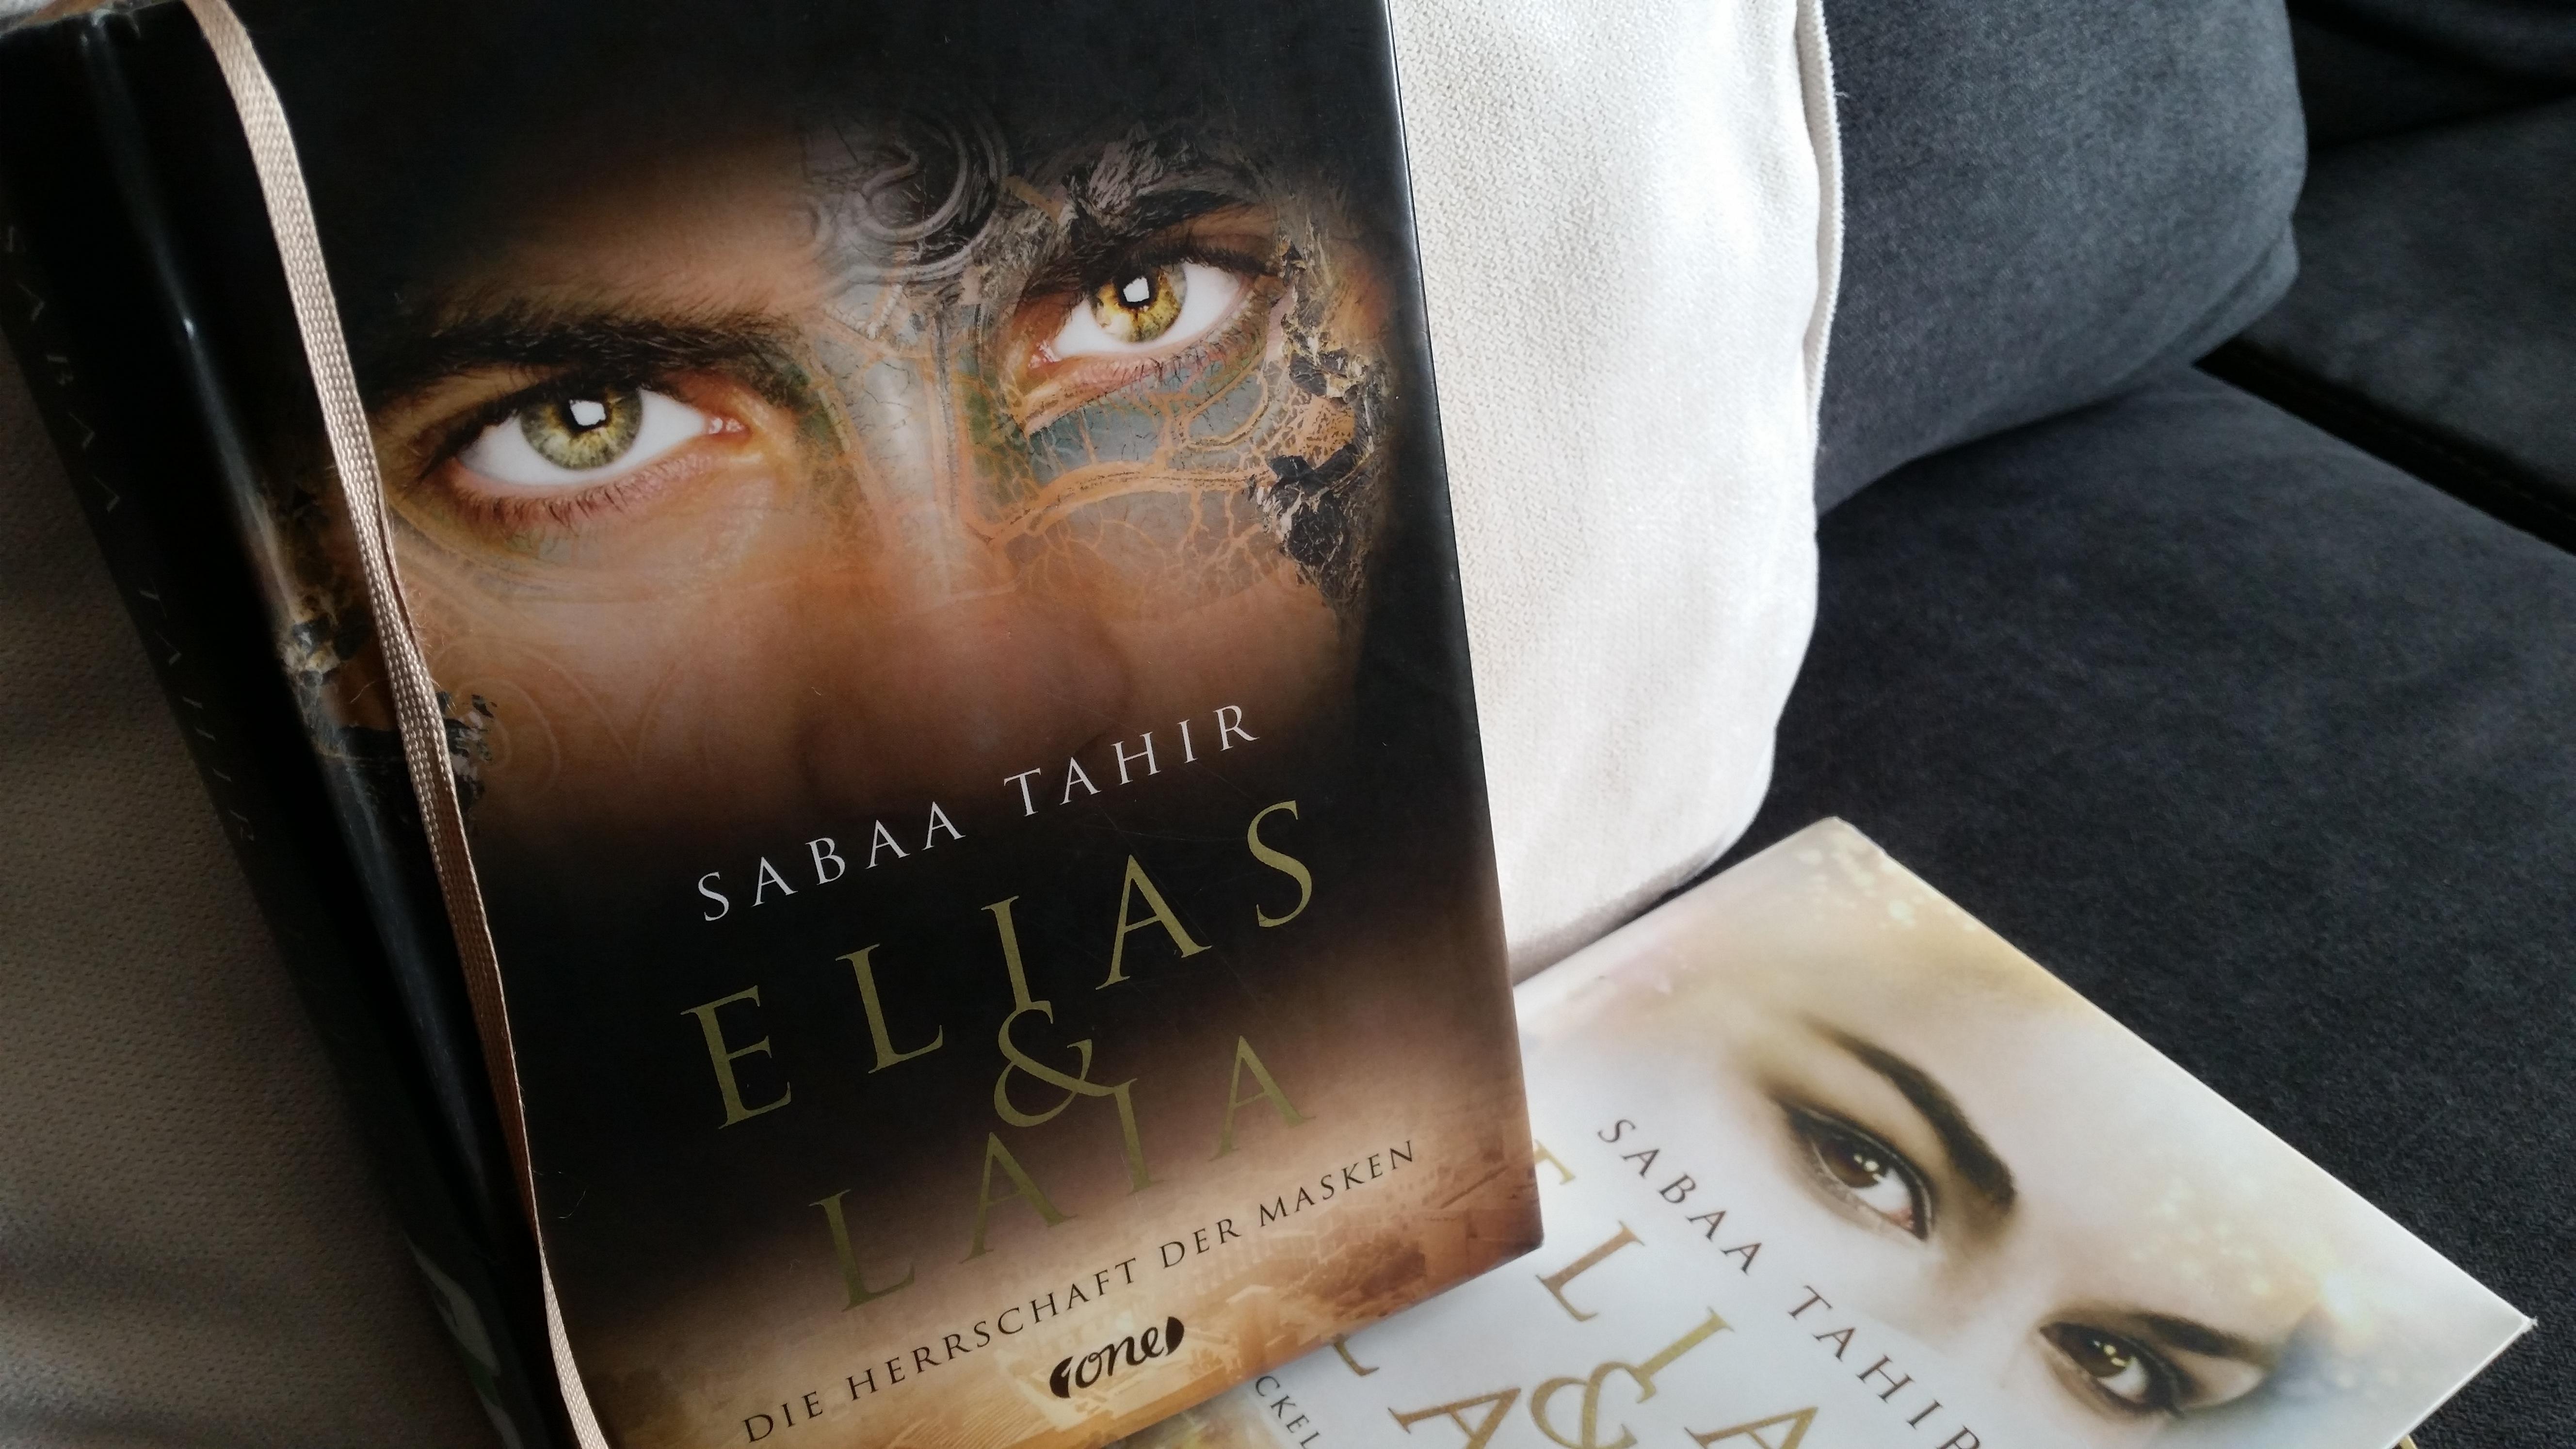 Elias und Laia – Die Herrschaft der Masken – Sabaa Tahir